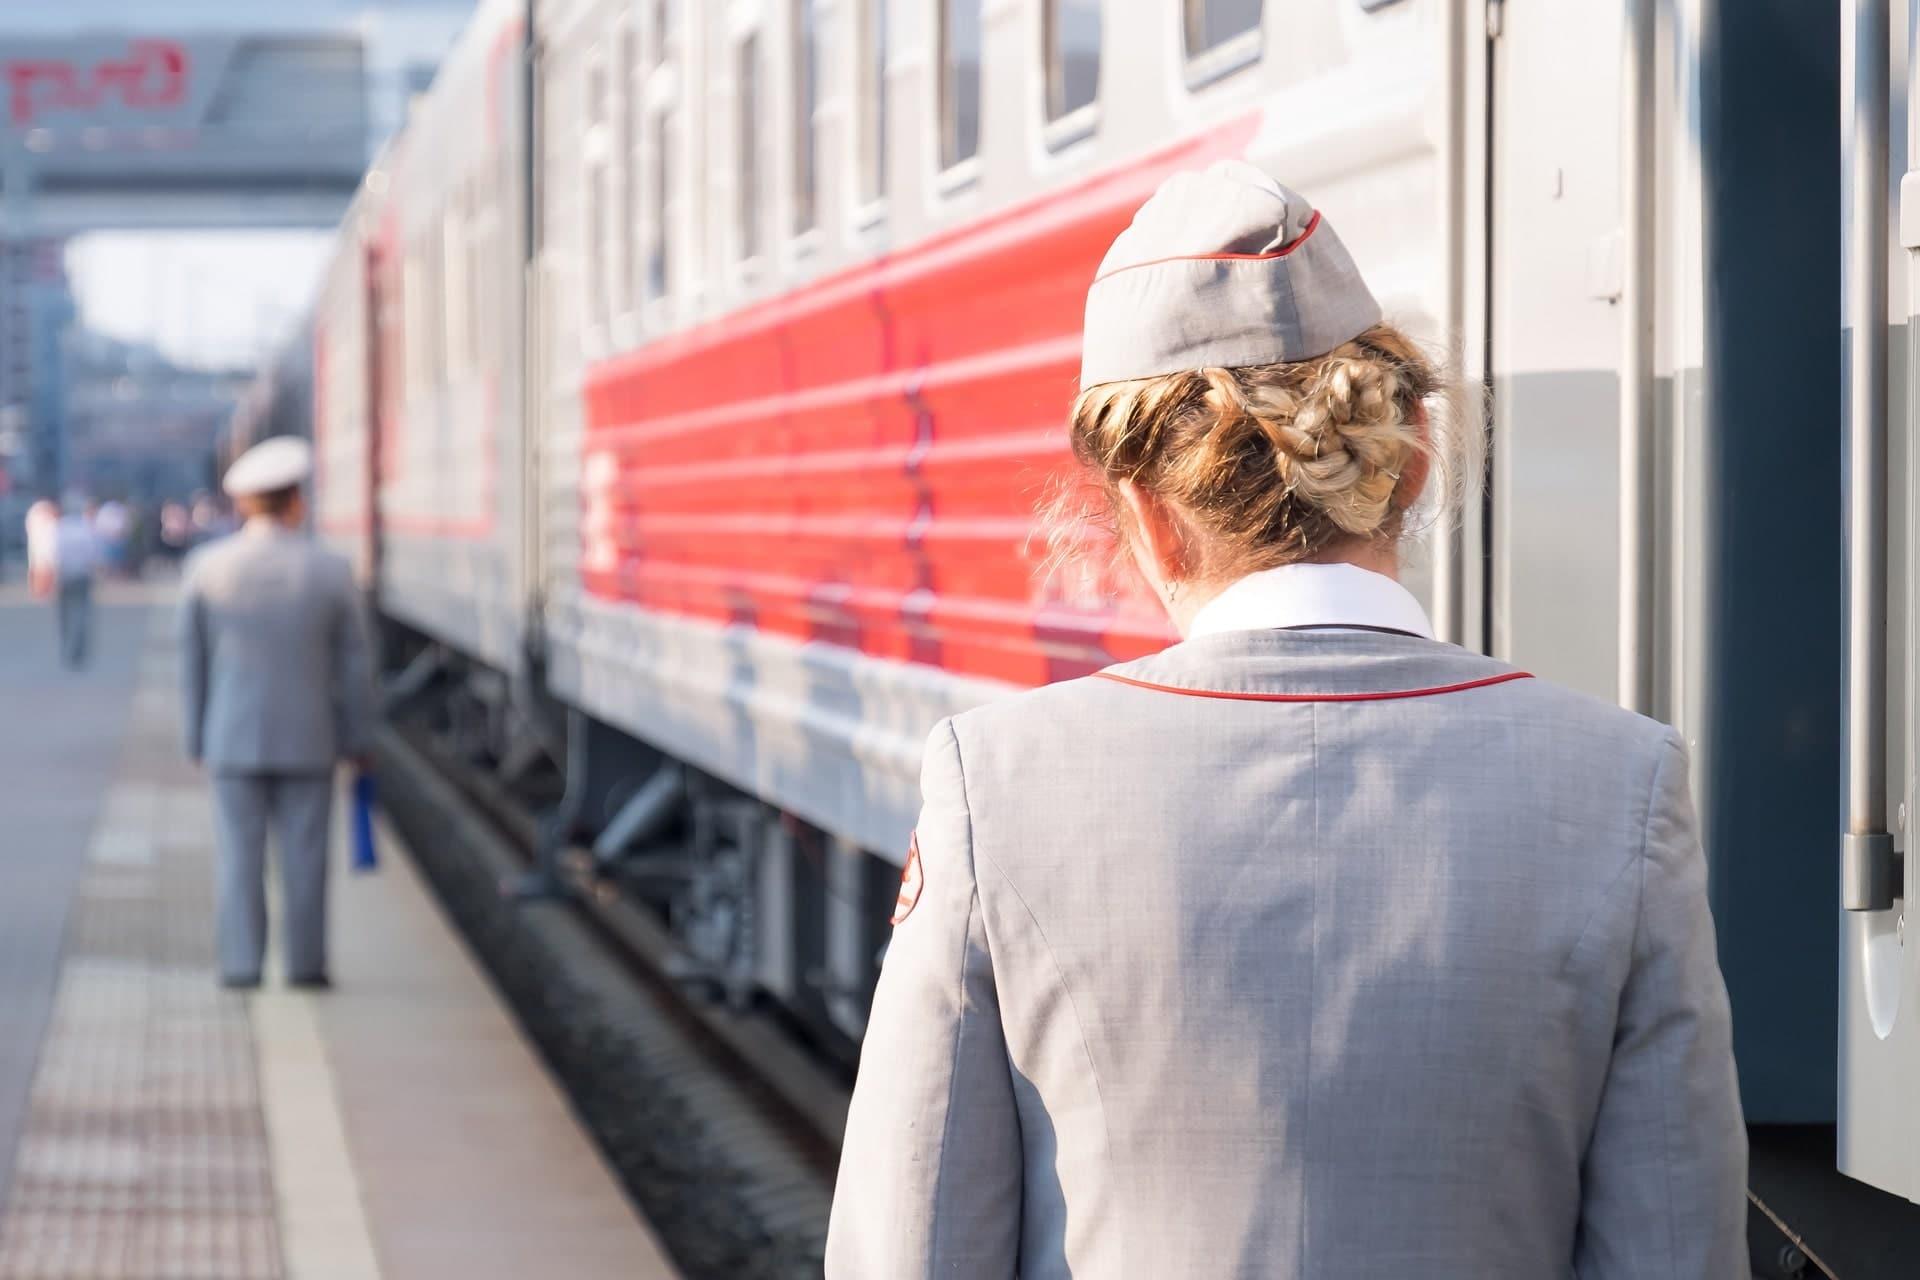 Train Steward